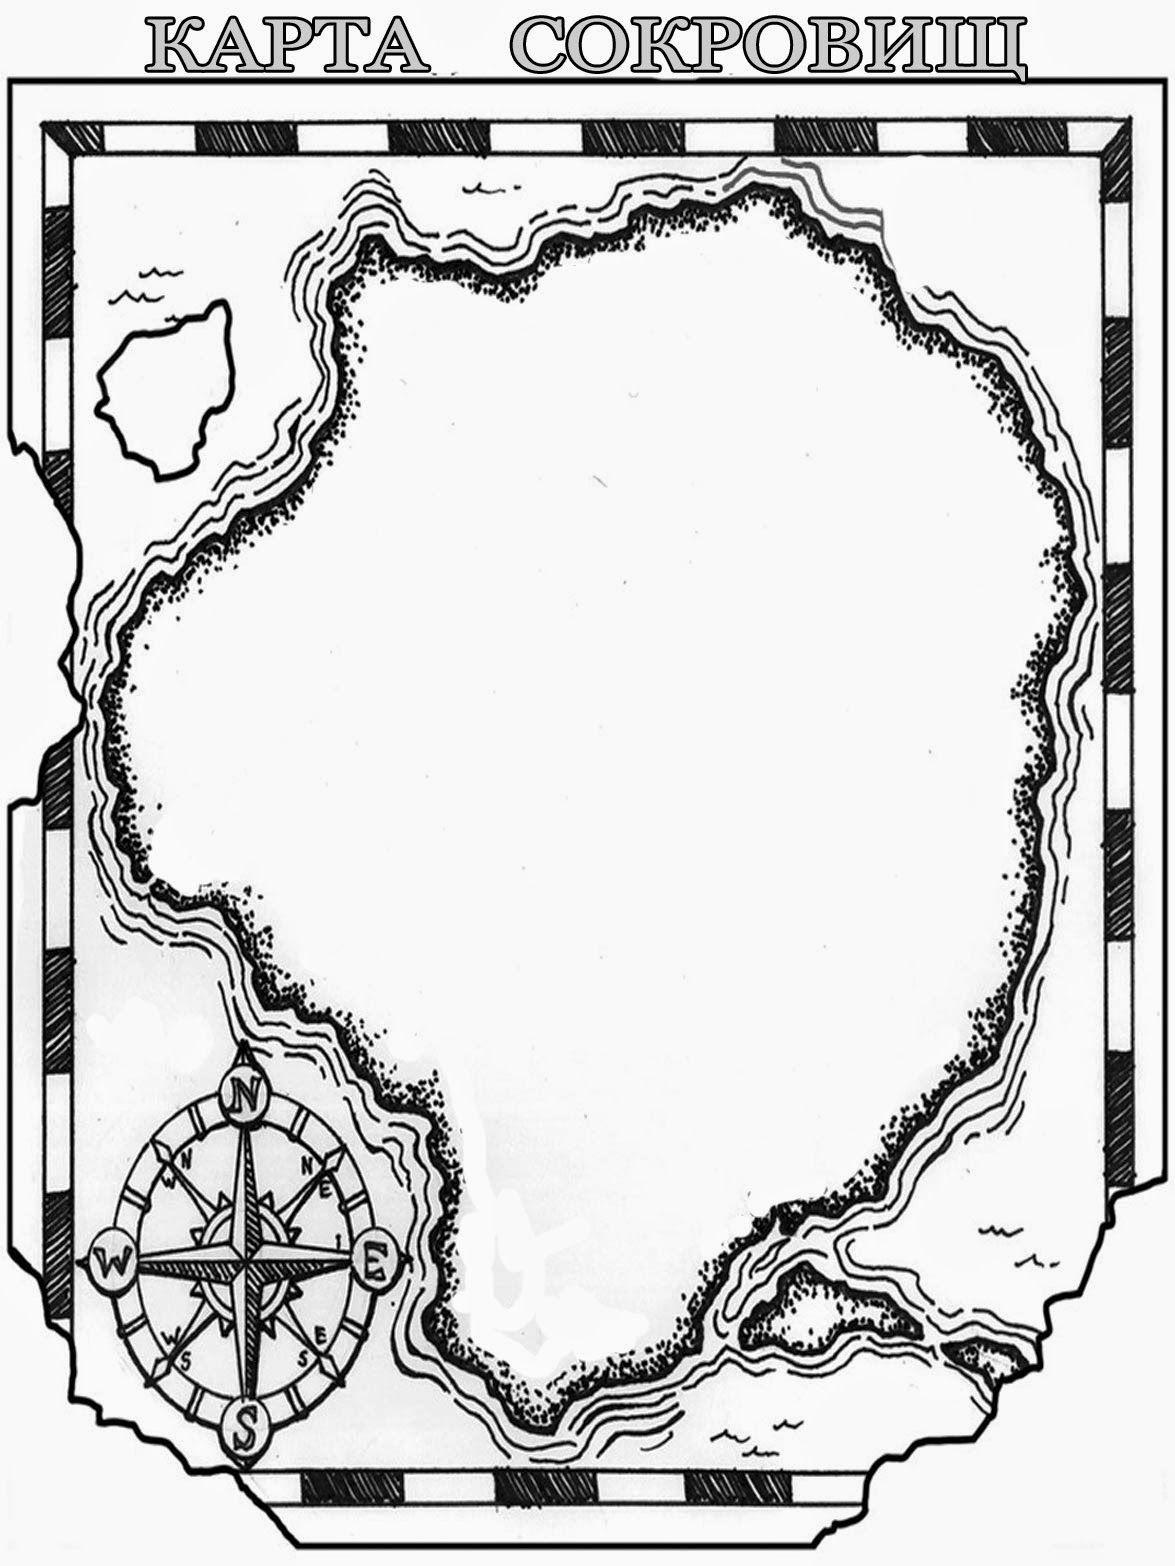 карта сокровищ - Поиск в Google | Pirate_пиратское | Pinterest | Crafts